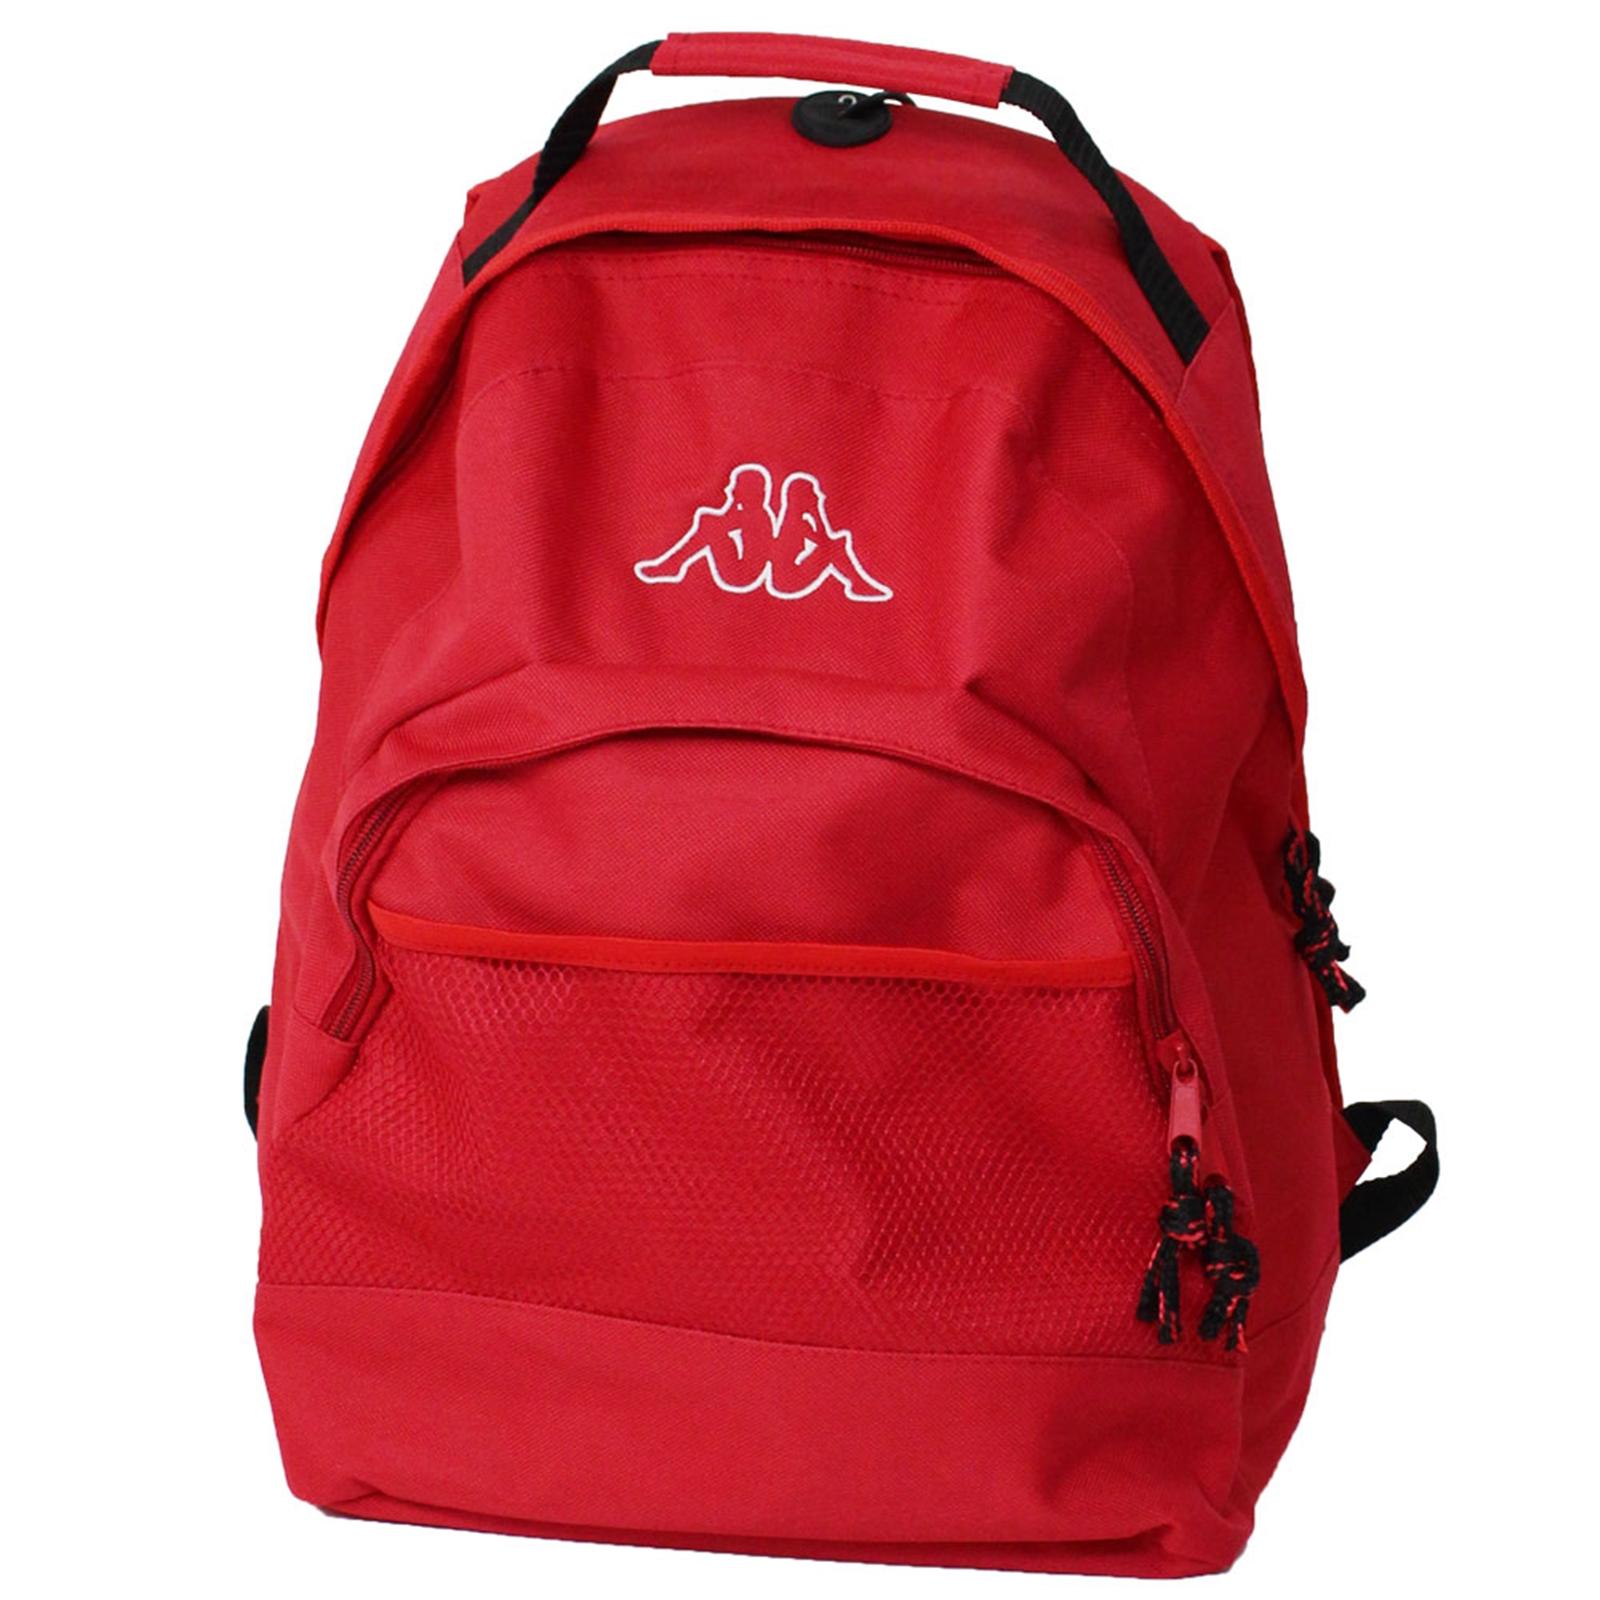 Kappa Rucksack Backpack Sportrucksack Freizeit Sport Tasche Rucksack Schultasche